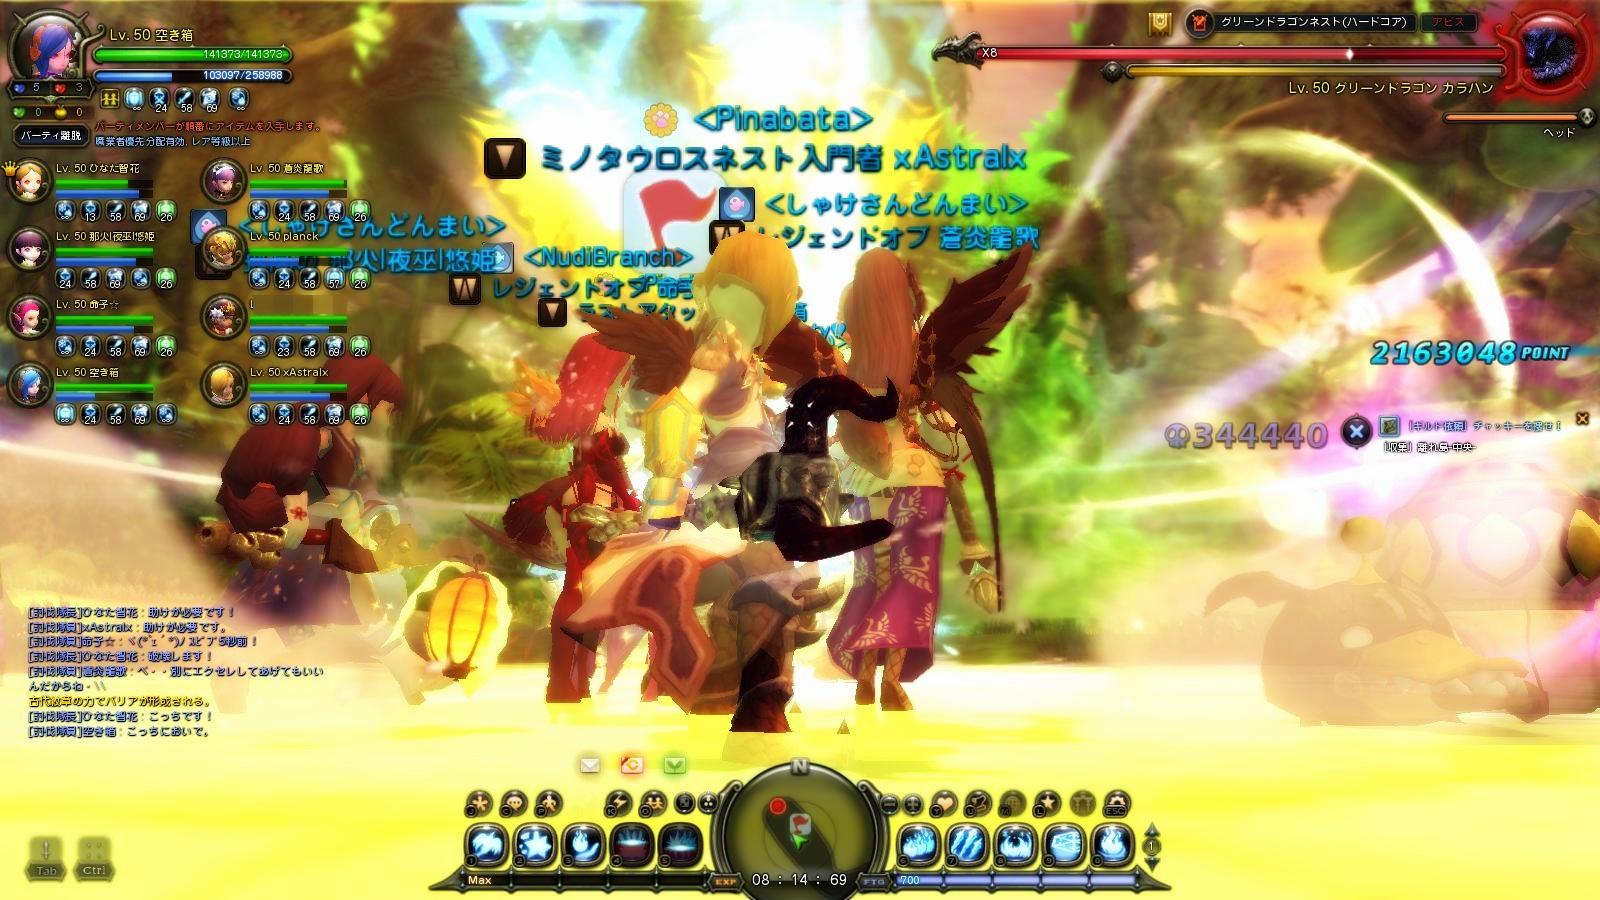 DN 2012-06-14 01-40-57 Thu